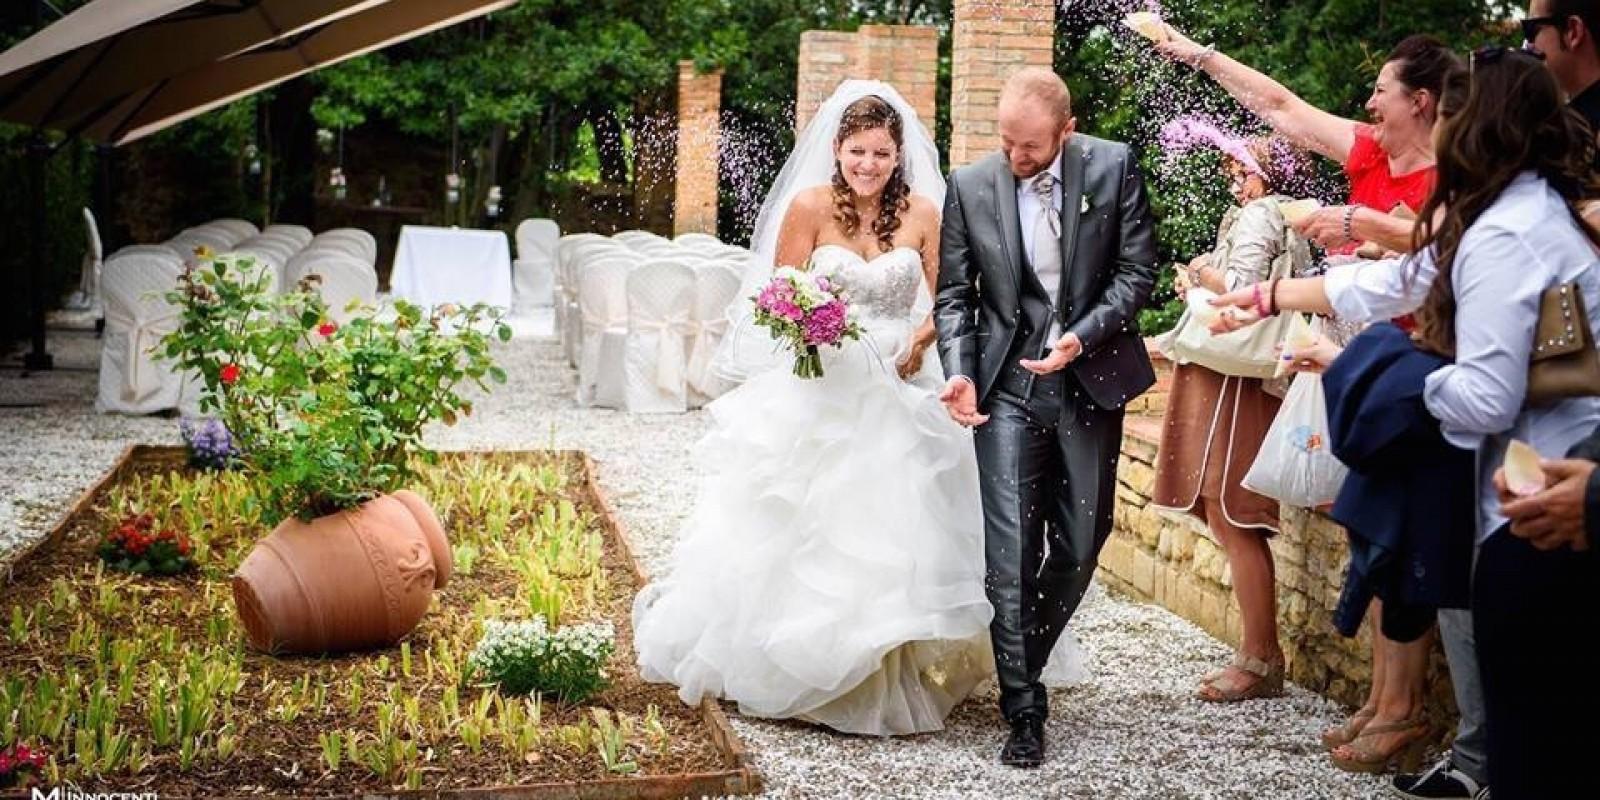 Matrimonio Da Sogno Toscana : Le location per un matrimonio da sogno a firenze e dintorni